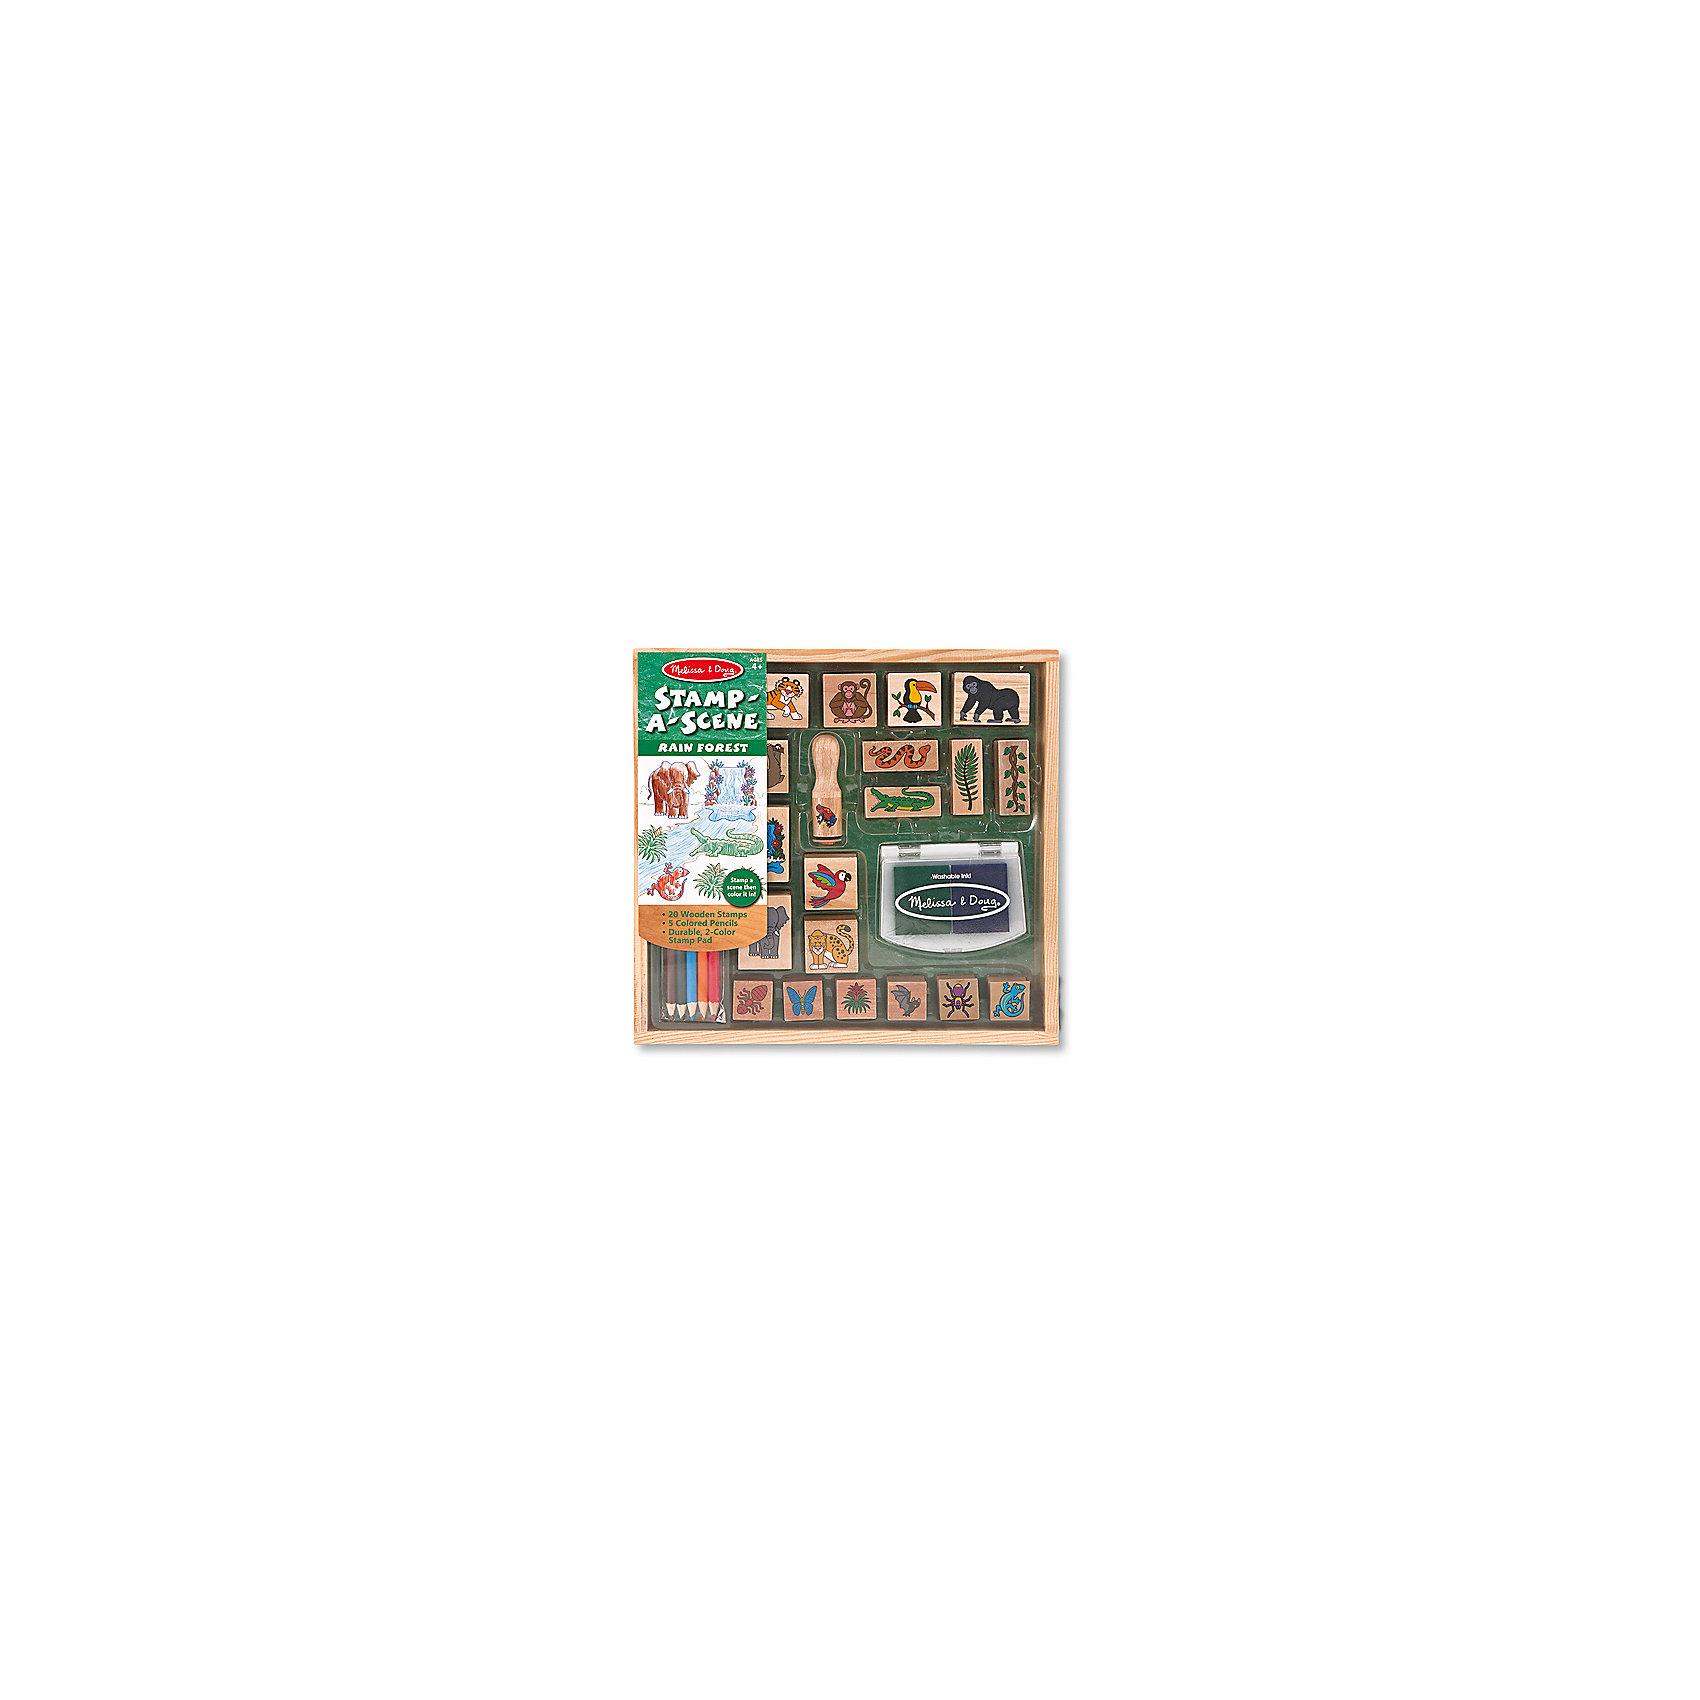 Набор печатей ДжунглиРисование<br>Это огромный набор деревянный штампиков, с помощью которых ребенок сможет себя почувствовать настоящим художником! <br><br>Дополнительная информация:<br><br>- В наборе: деревянная коробка с несколькими отсеками, 20 штампов, подушечка с нетоксичными, легко смываемыми чернилами синего и зеленого цветов, 5 насыщенных цветных карандашей.<br>- Возраст: от 4 лет.<br>- Размер упаковки: 28х4х27 см.<br><br>Купить набор печатей Джунгли можно в нашем магазине.<br><br>Ширина мм: 280<br>Глубина мм: 40<br>Высота мм: 270<br>Вес г: 725<br>Возраст от месяцев: 48<br>Возраст до месяцев: 96<br>Пол: Унисекс<br>Возраст: Детский<br>SKU: 4865267